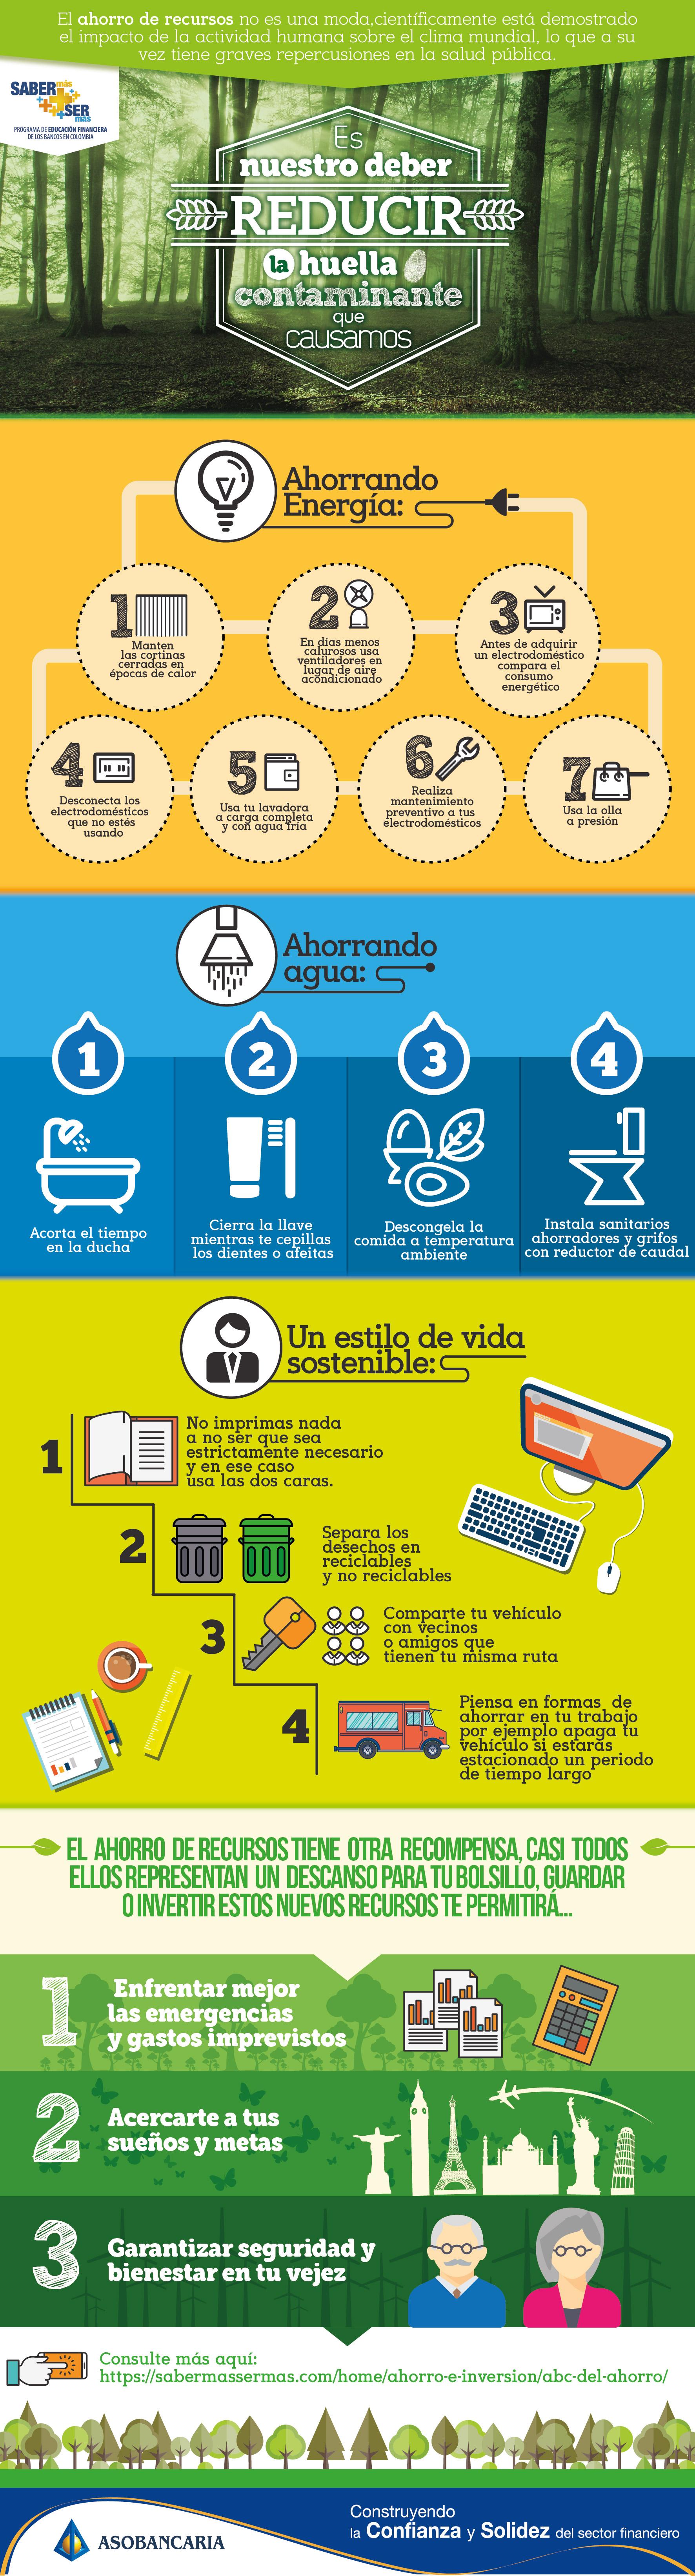 infografia ahorro-01